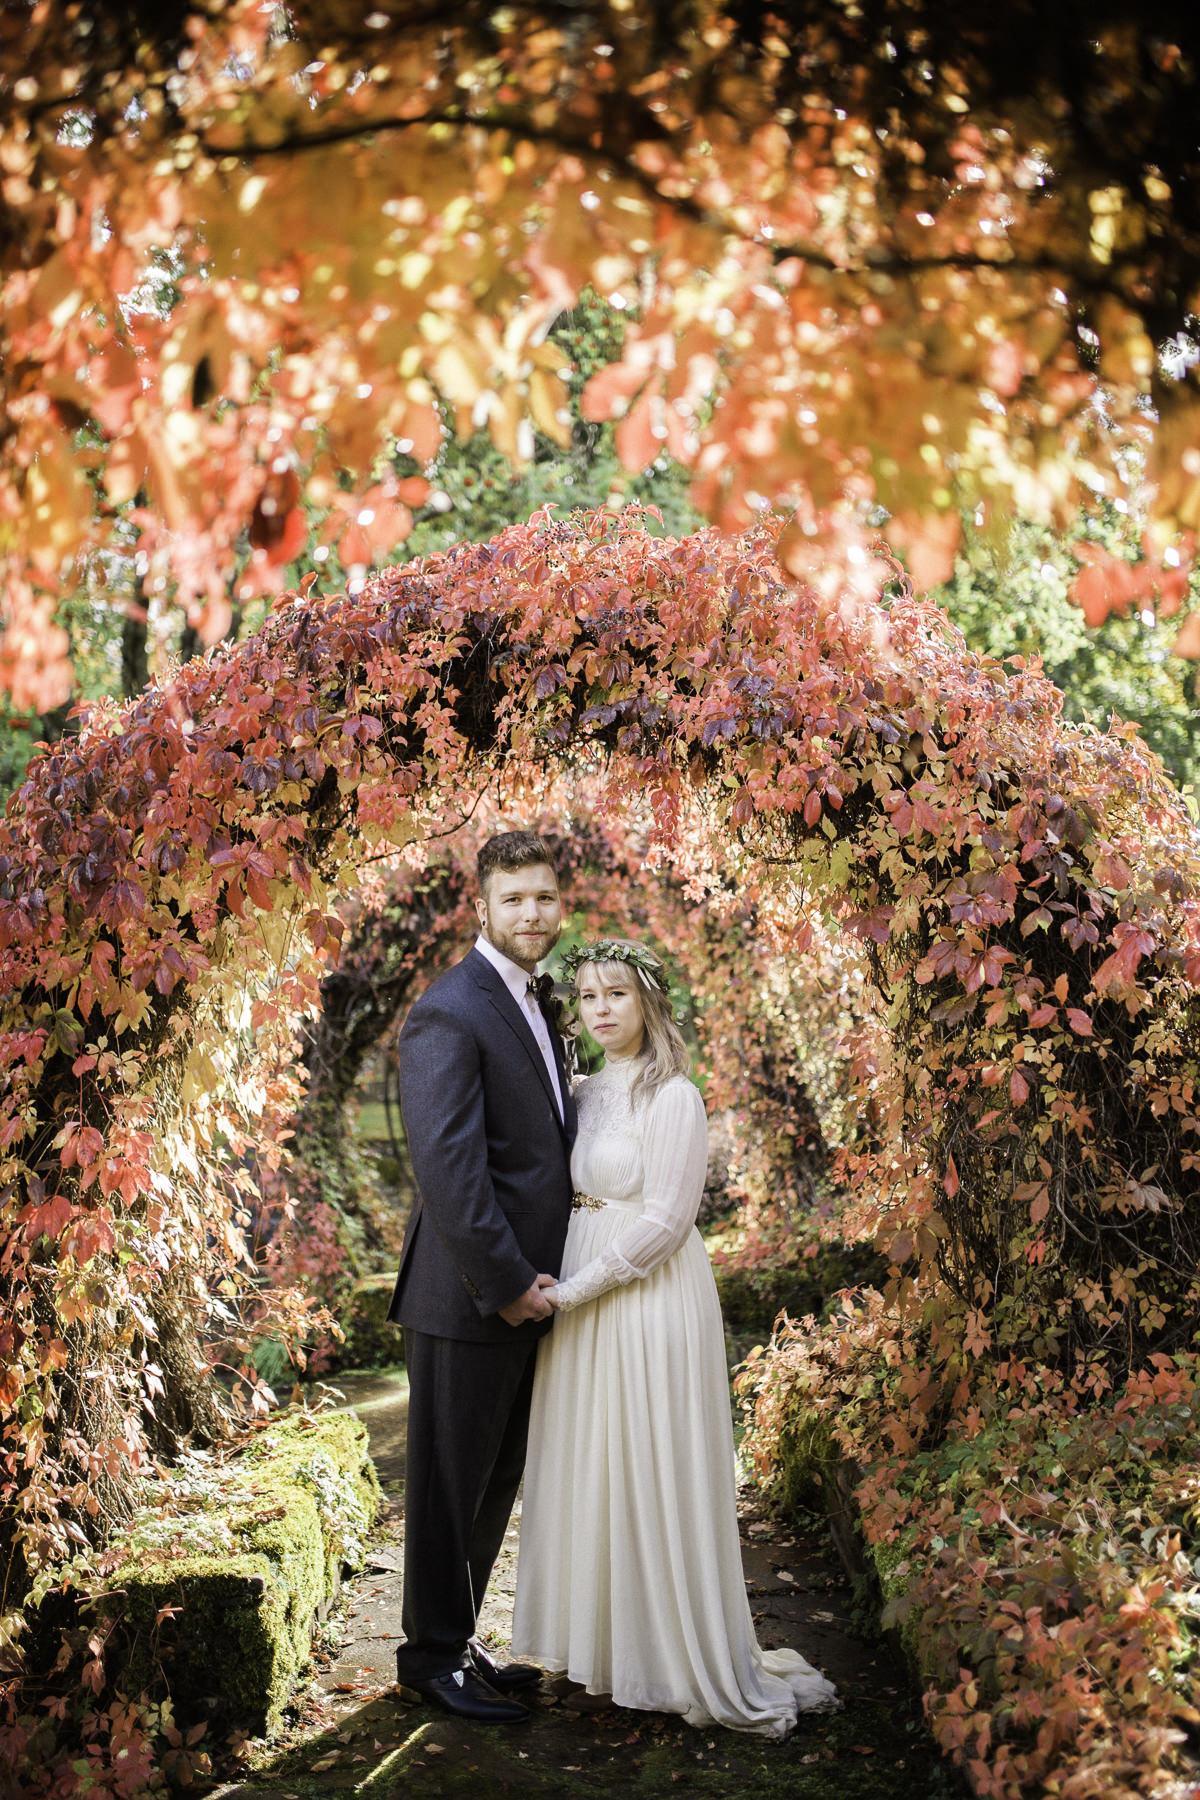 Matt-and-Chelsey-Nelson-wedding-25.jpg